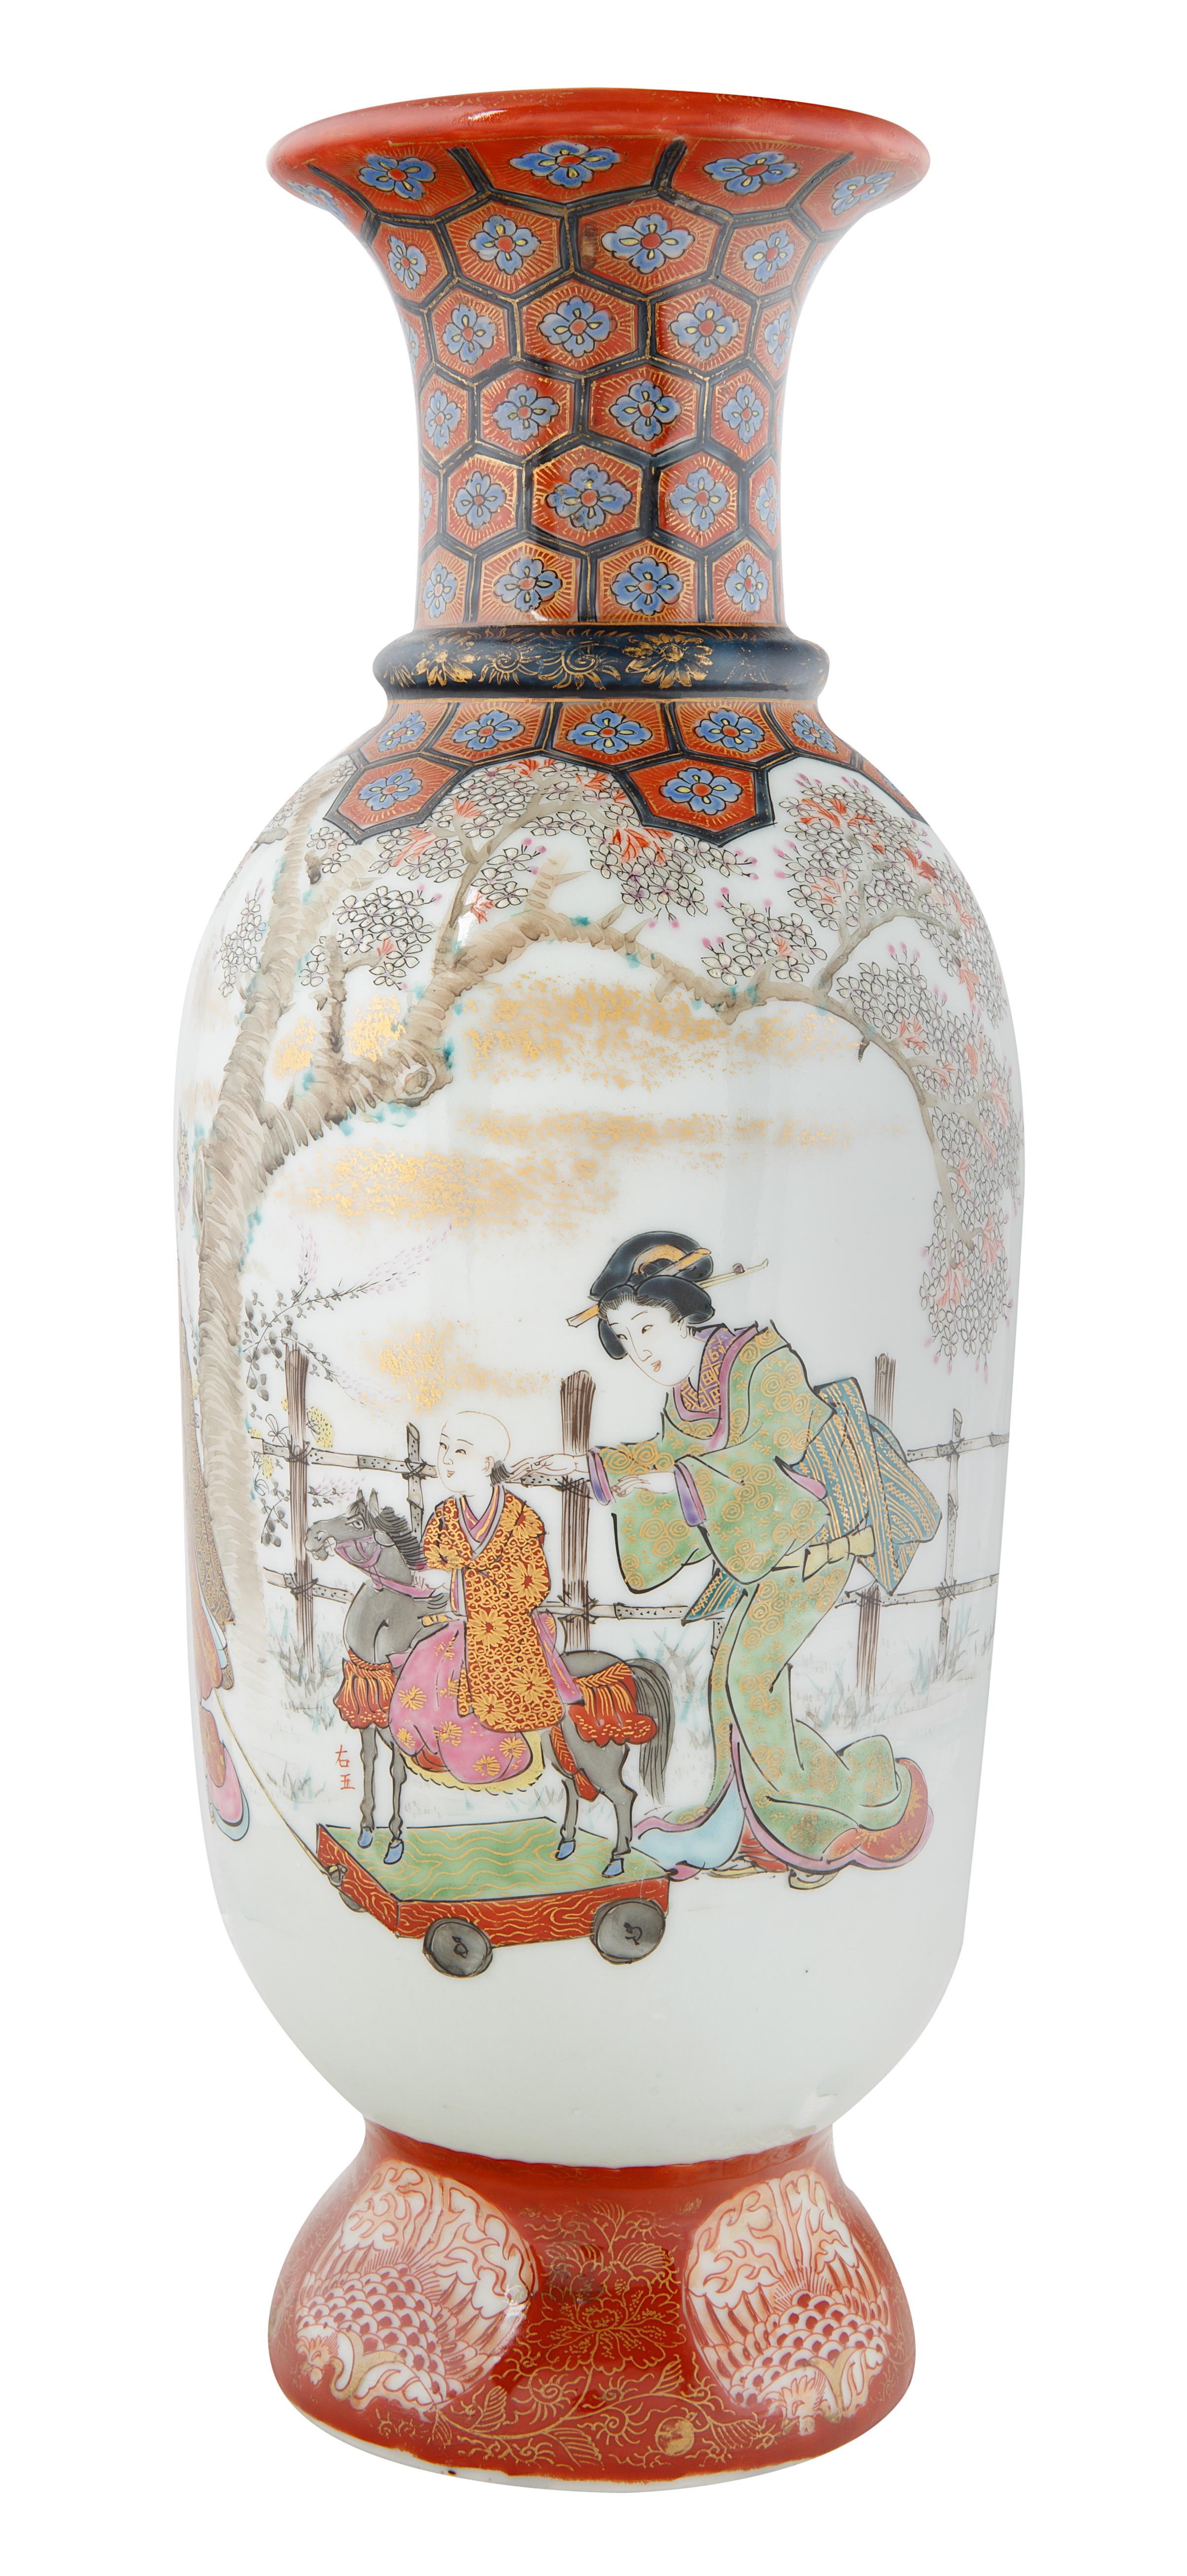 EARLY 20TH CENTURY JAPANESE KUTANI BALUSTER VASE